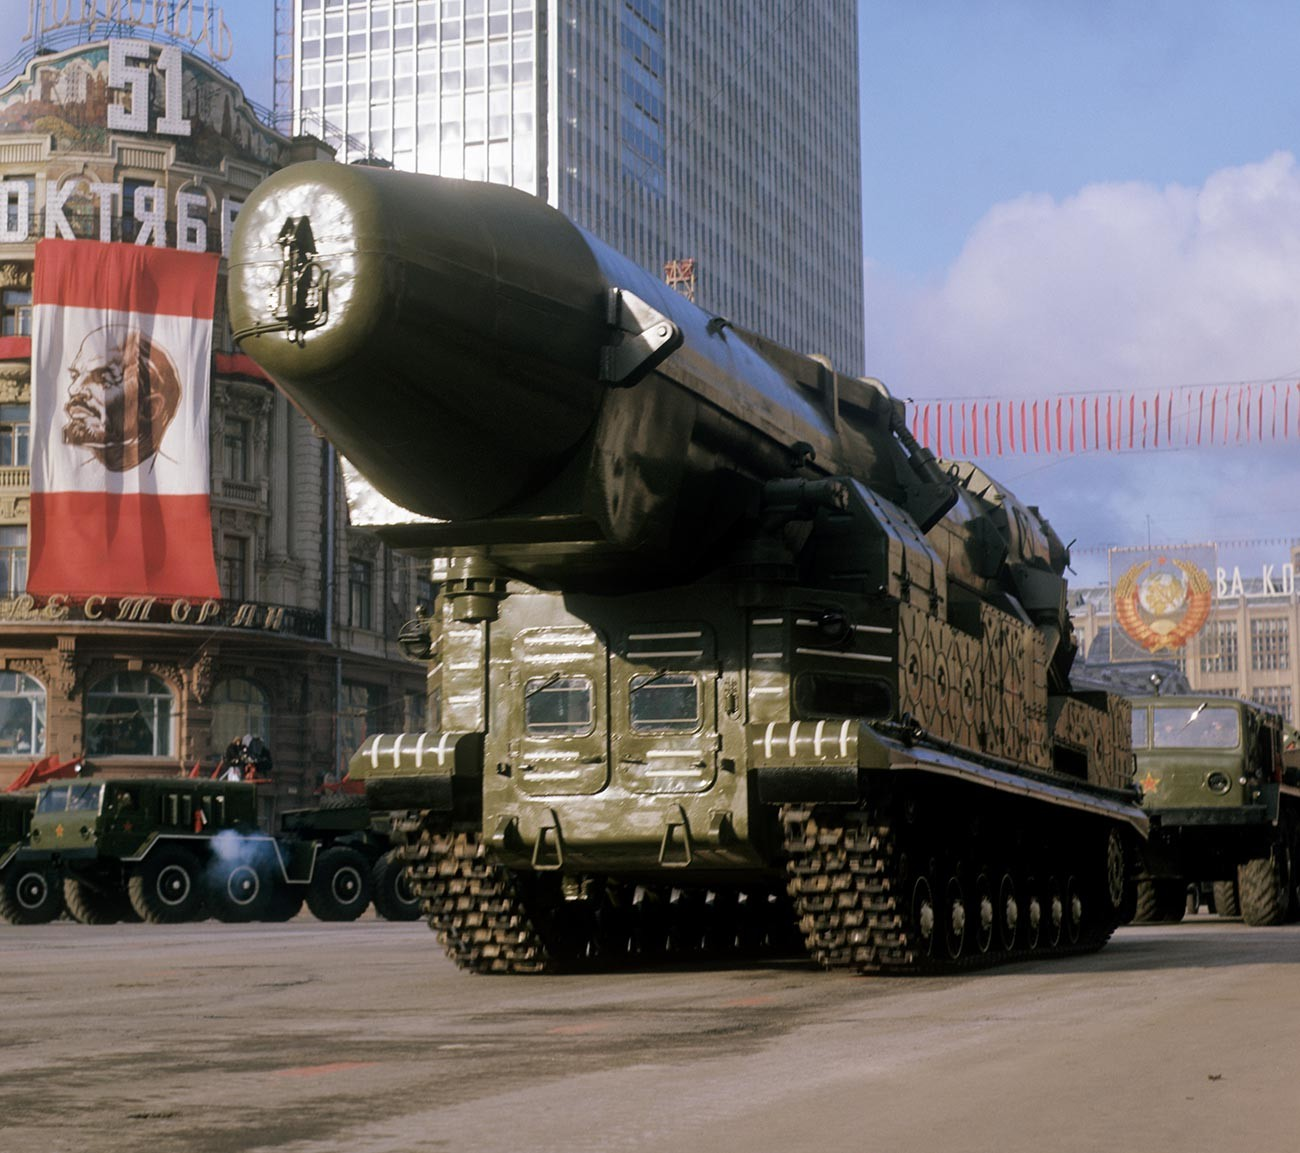 Балистичке ракете пред почетак војне параде поводом 51. годишњице Октобарске револуције.